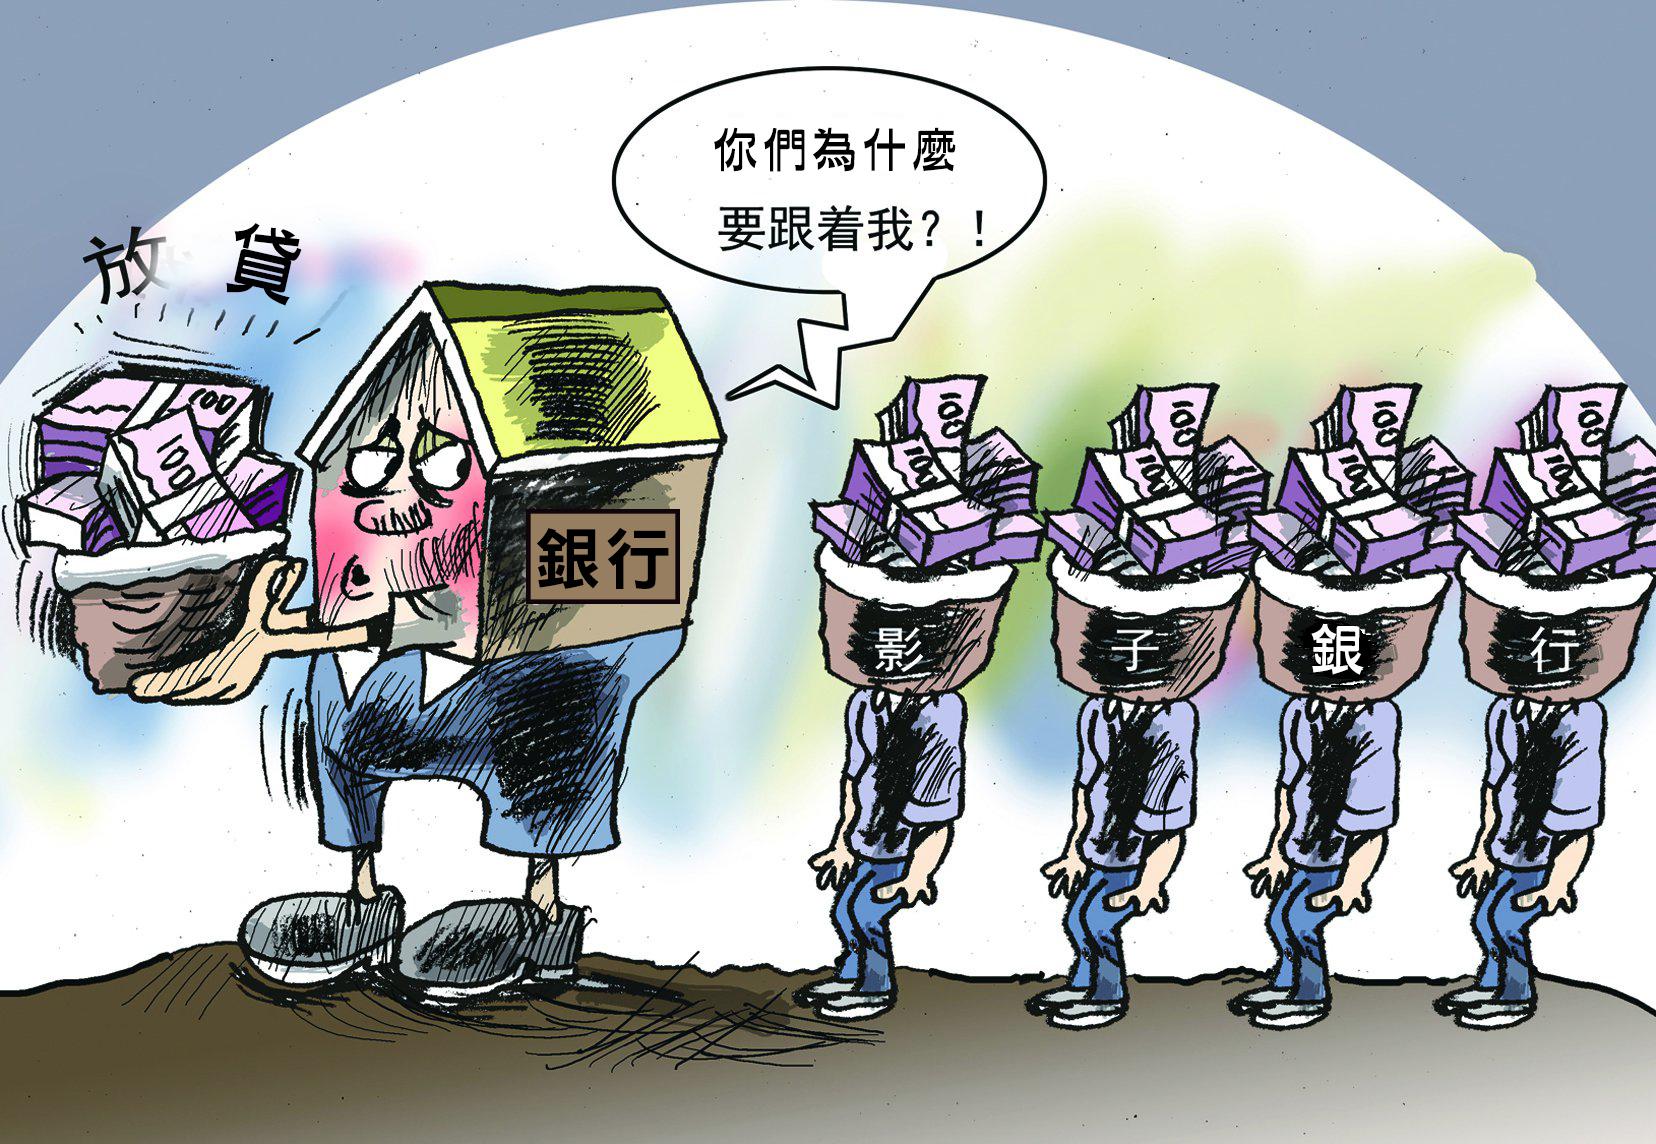 中國的影子銀行系統是由置身資產負債表之外的理財產品等組成。這些理財產品是支付給投資者更高利息的債務或債券類工具。滙豐銀行分析師表示,中國影子銀行將以驚人的速度從經濟中吸錢。(大紀元資料室)